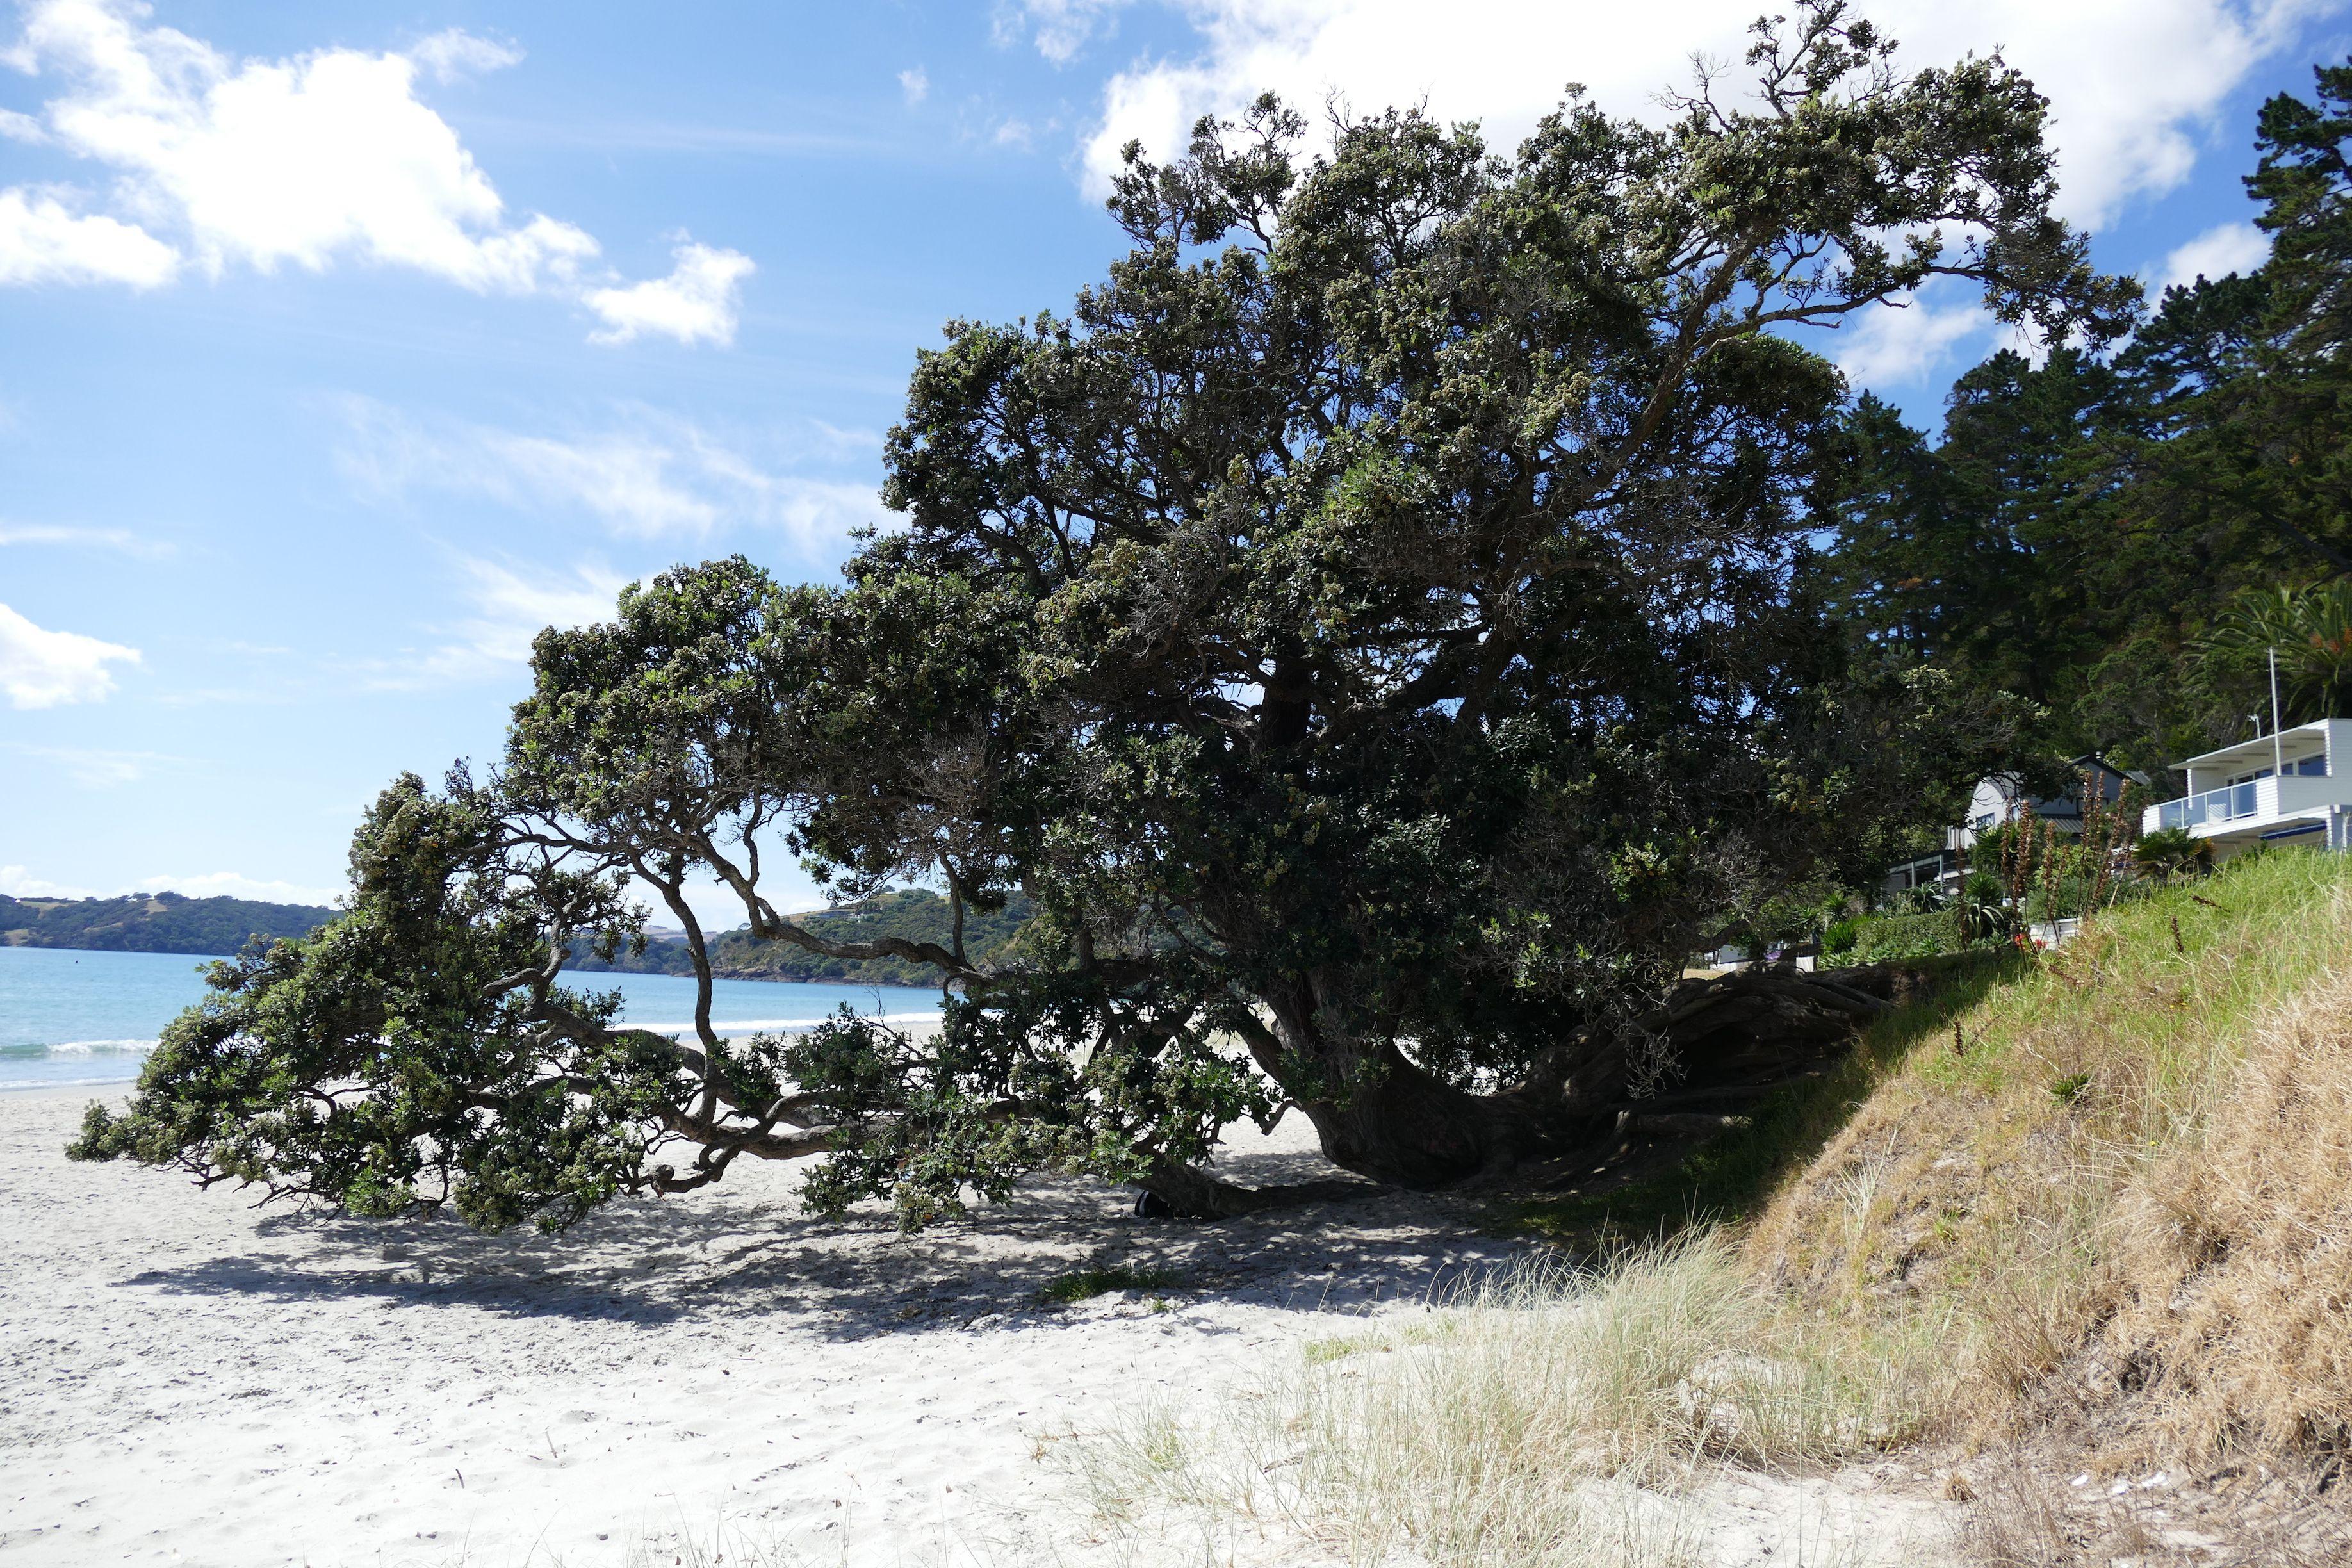 Shade tree on the beach, Waiheke Island Waiheke island